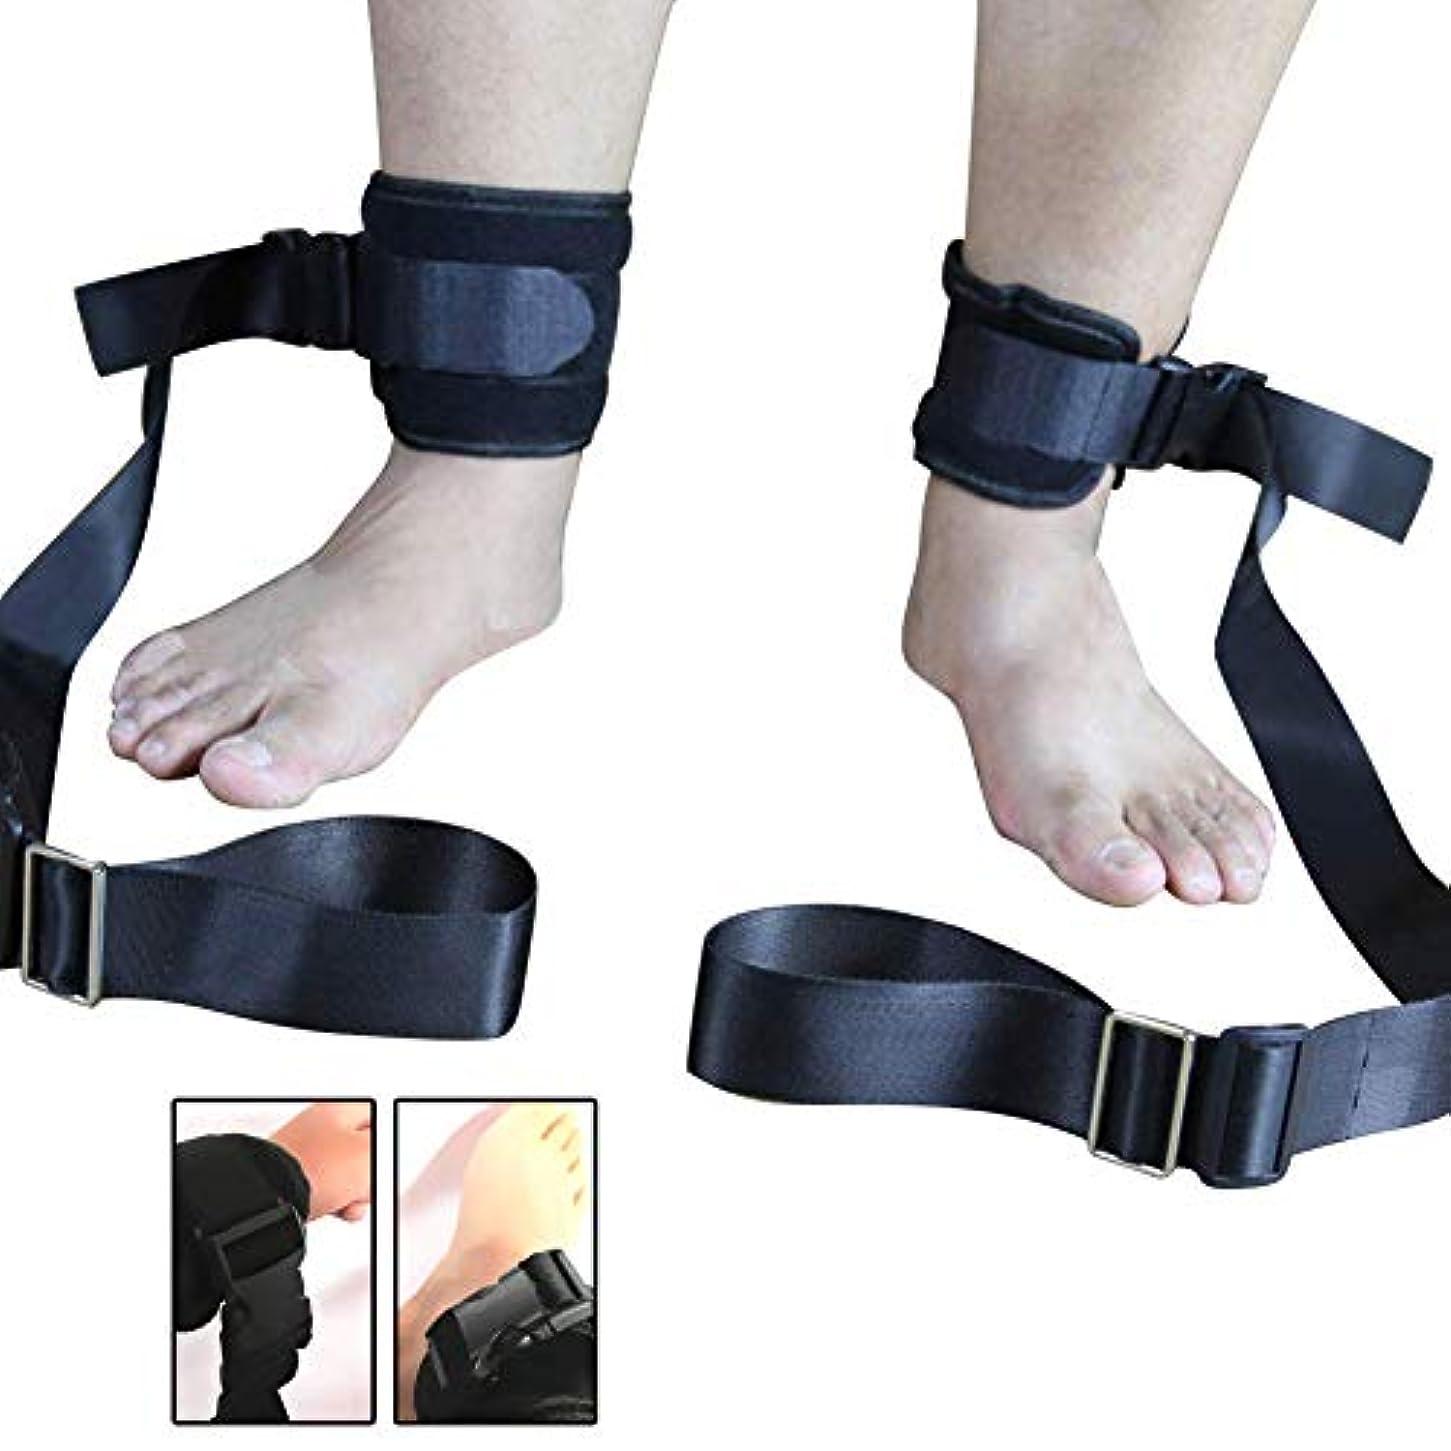 ピンポイント西部家畜手や足のための患者の肢ホルダー - クイックリリース肢ホルダー - 高齢者痴呆のための普遍的な制約管理(1ペア)